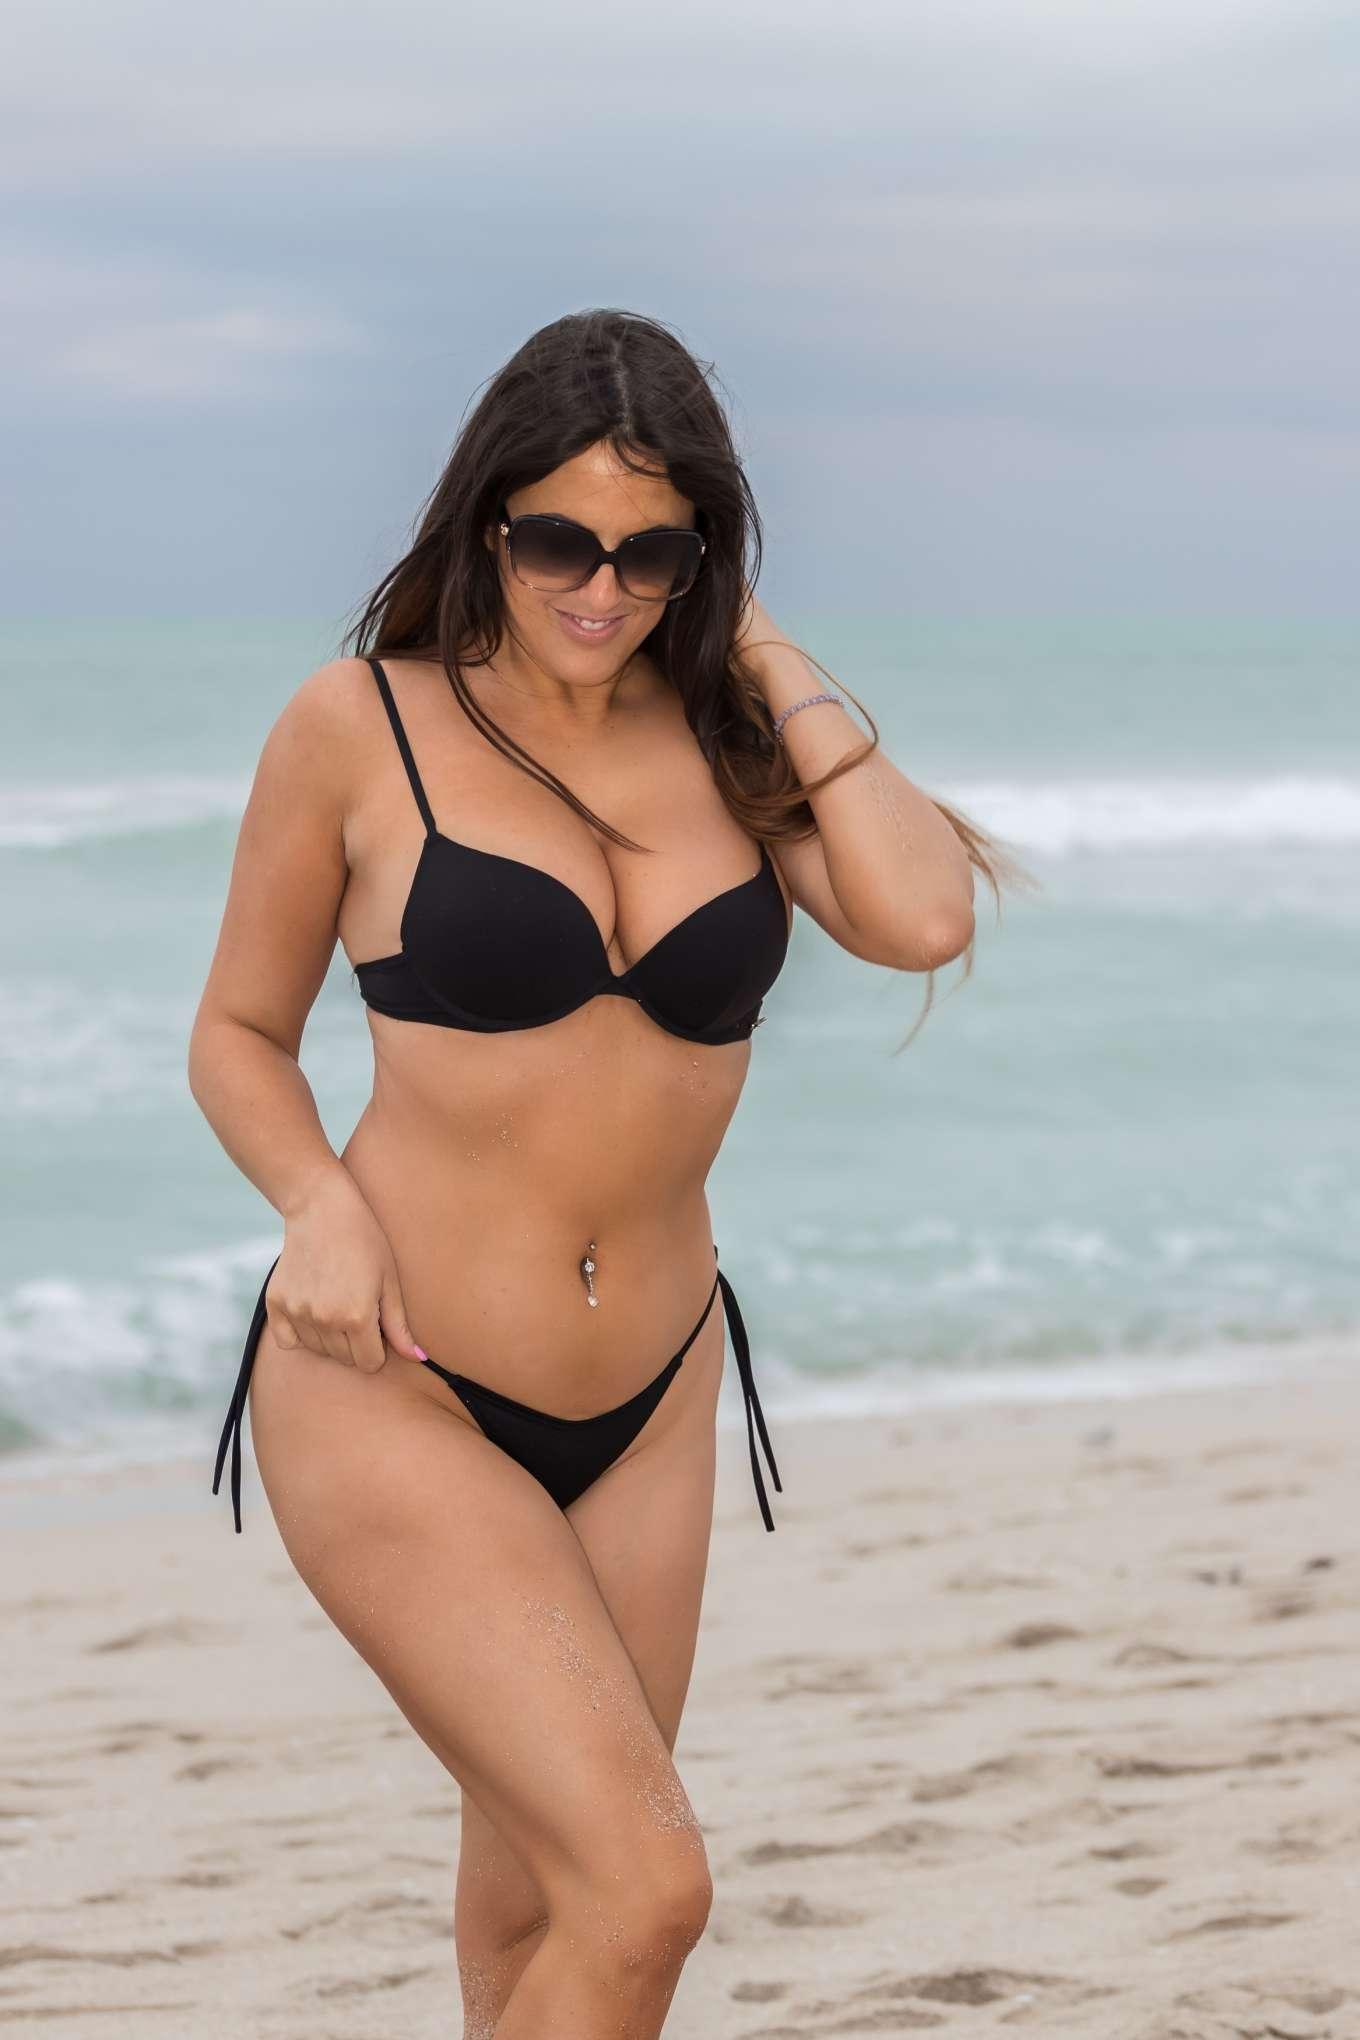 Claudia Romani in Black Bikini on South Beach